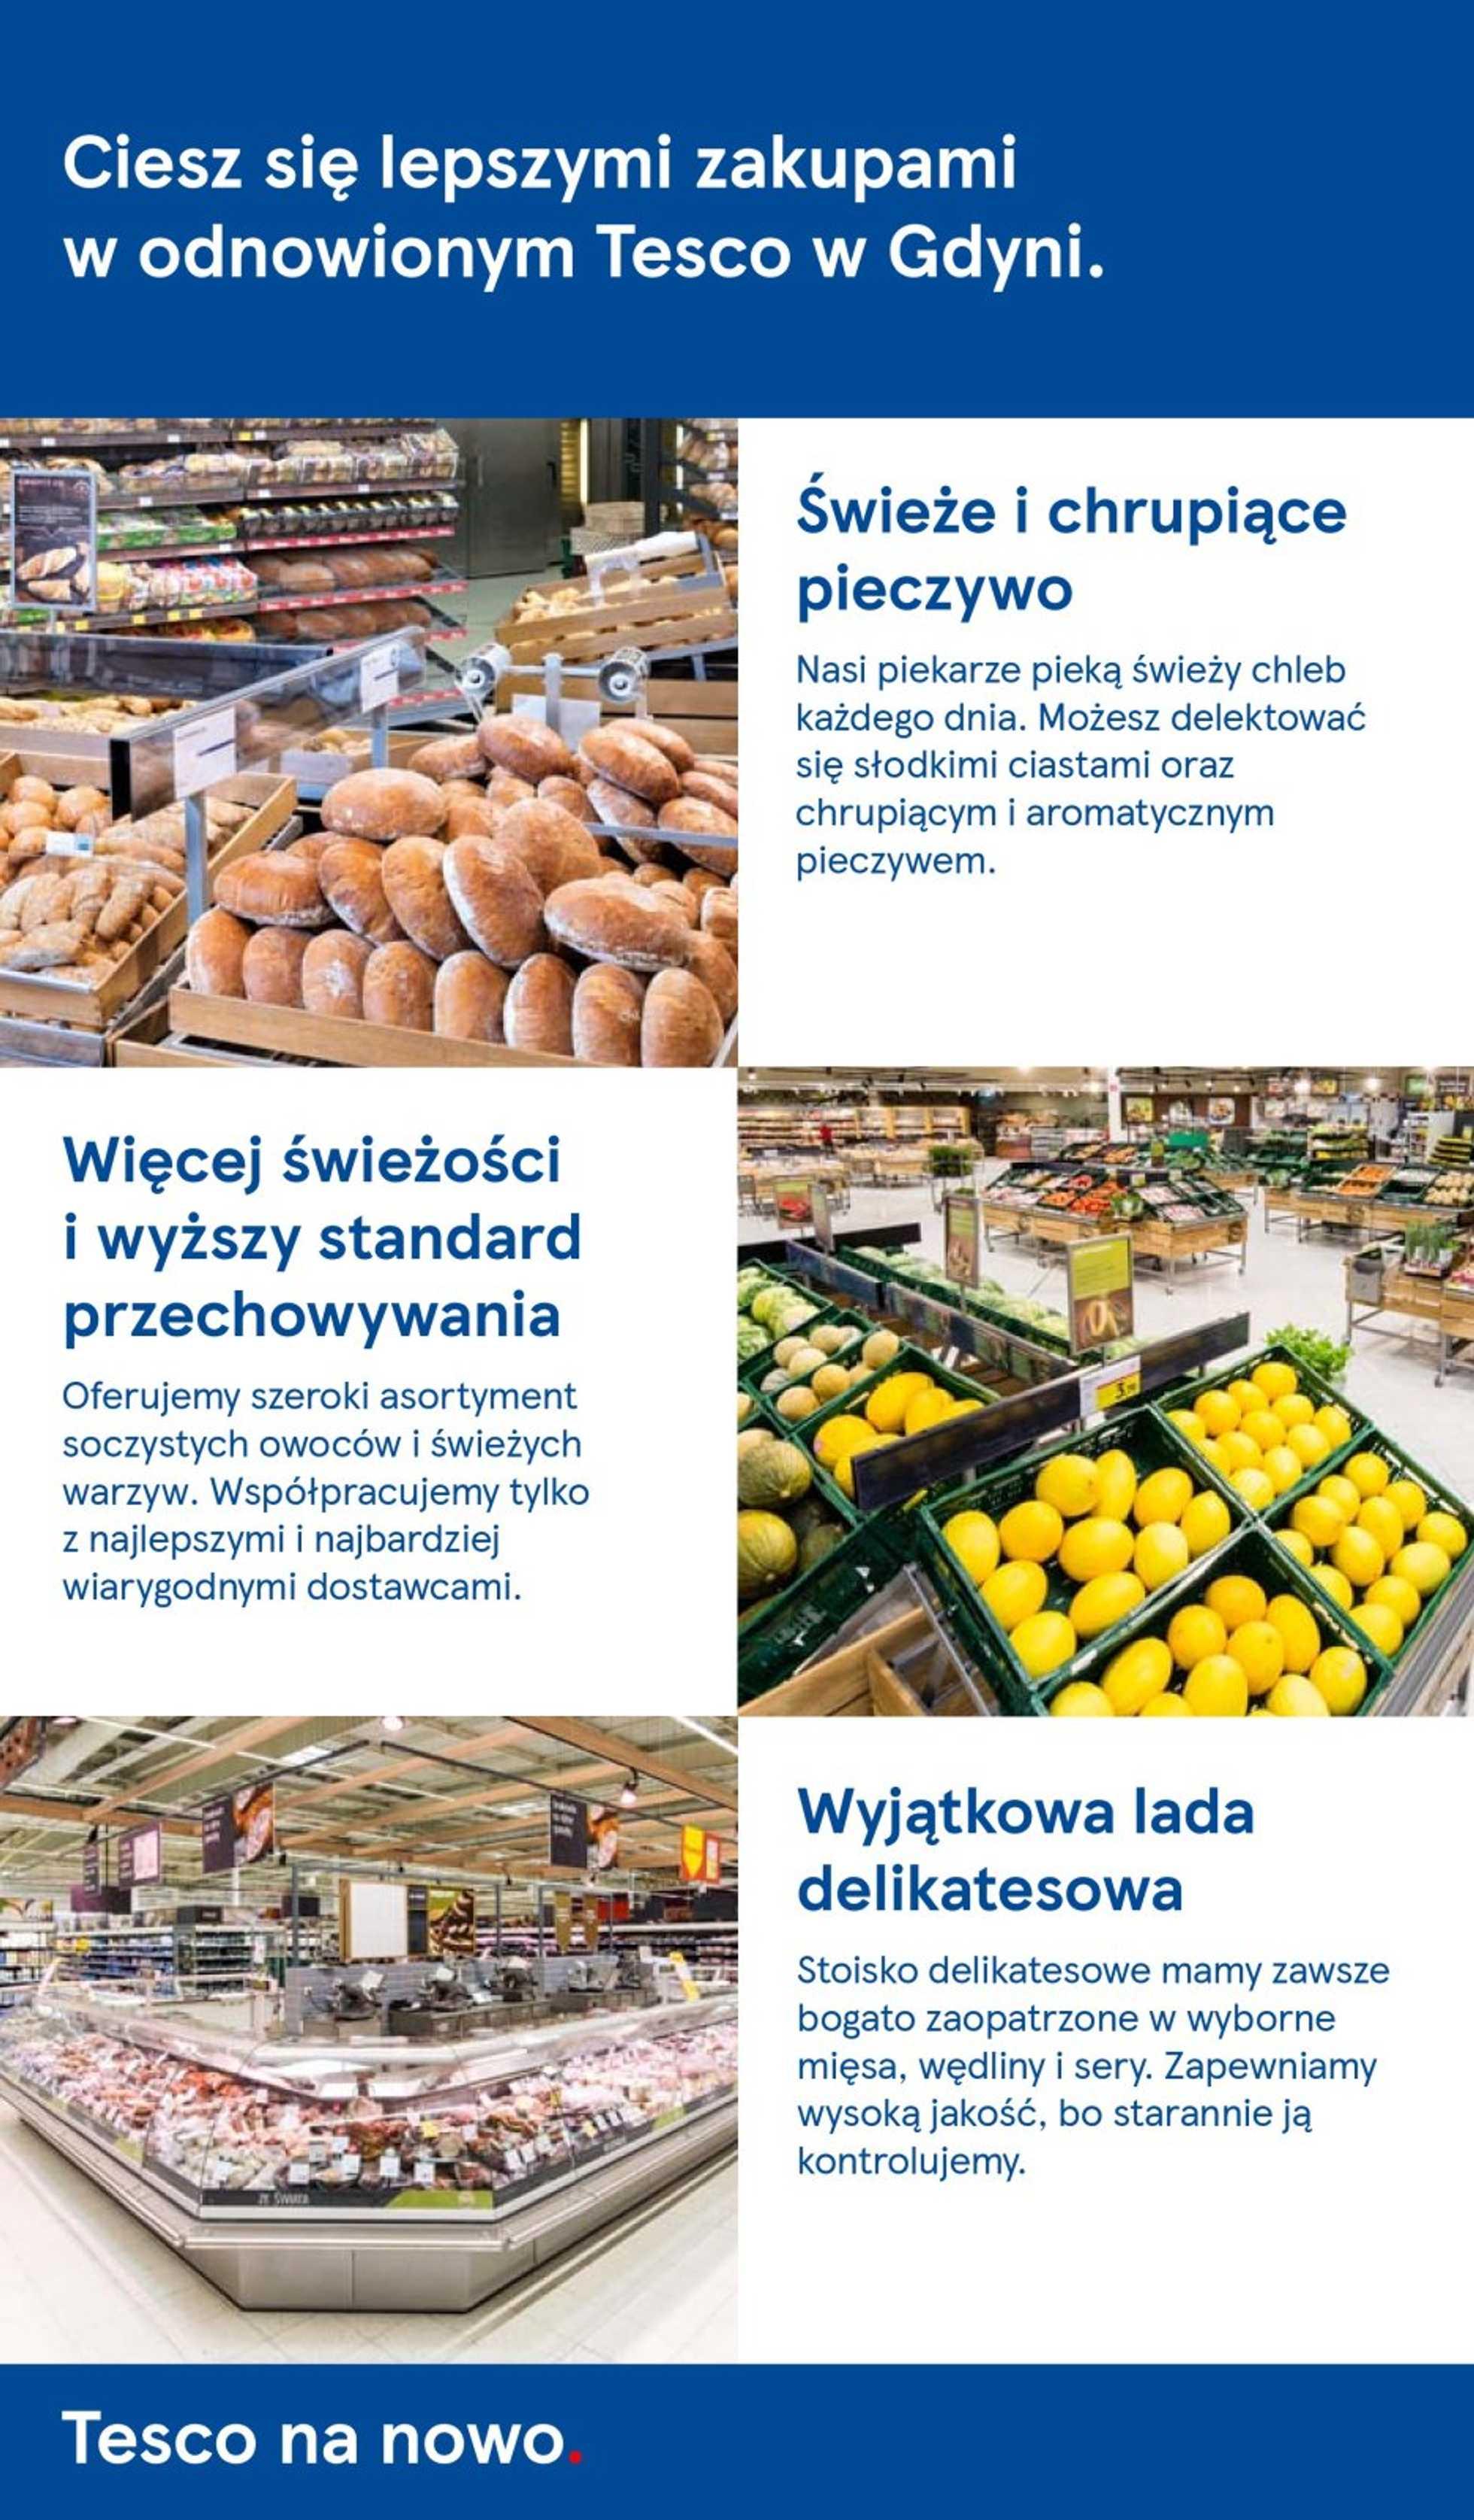 Tesco - gazetka promocyjna ważna od 23.08.2018 do 28.08.2018 - strona 2.